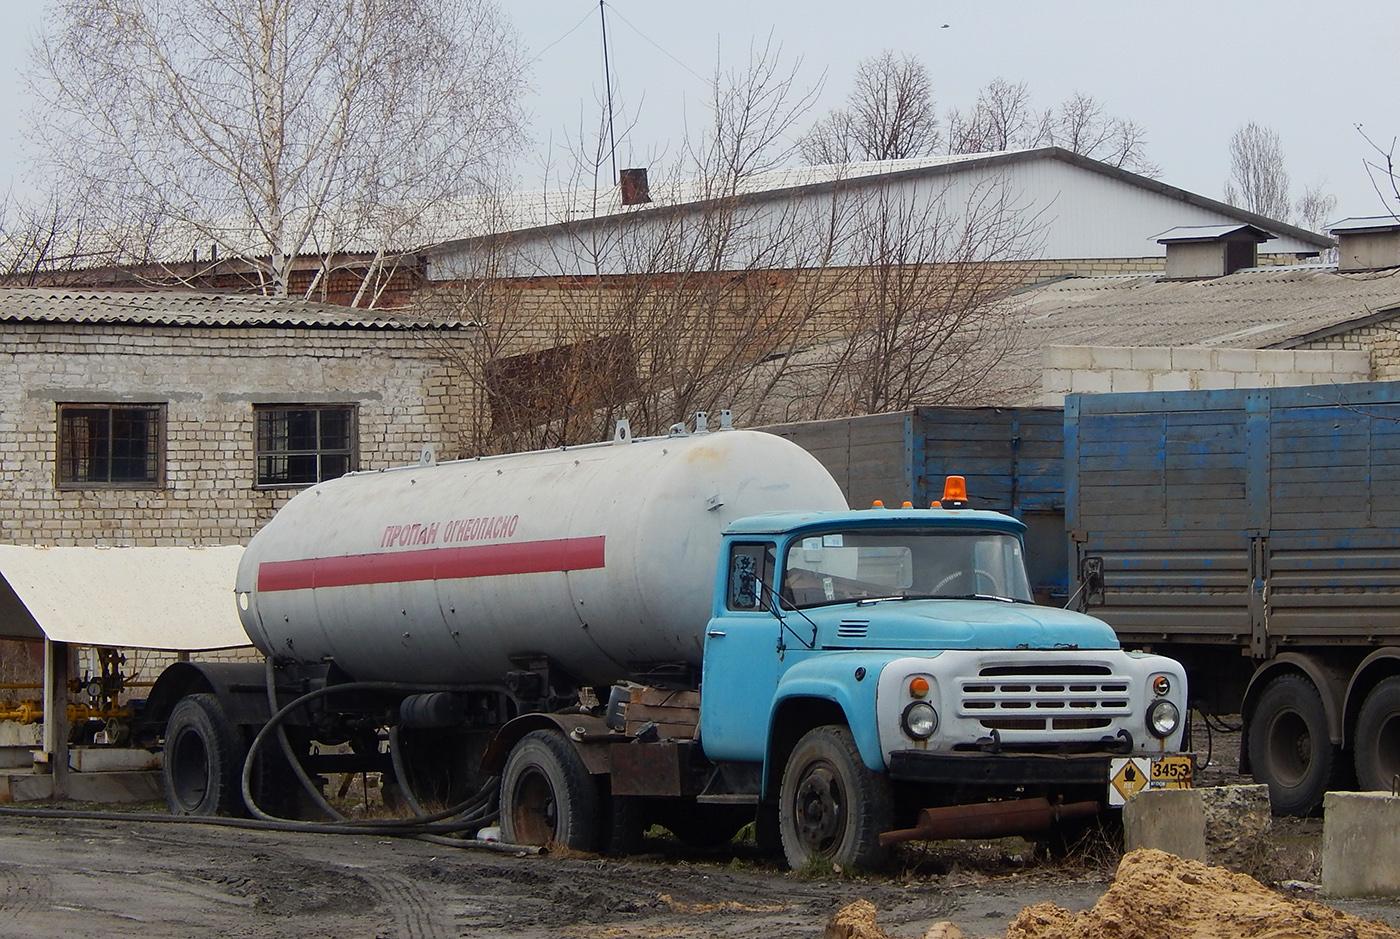 Седельный тягач ЗИЛ-441510 # Е 433 ММ 31 с полуприцепом-пропановозом. Белгородская область, г. Алексеевка, ул. Привокзальная